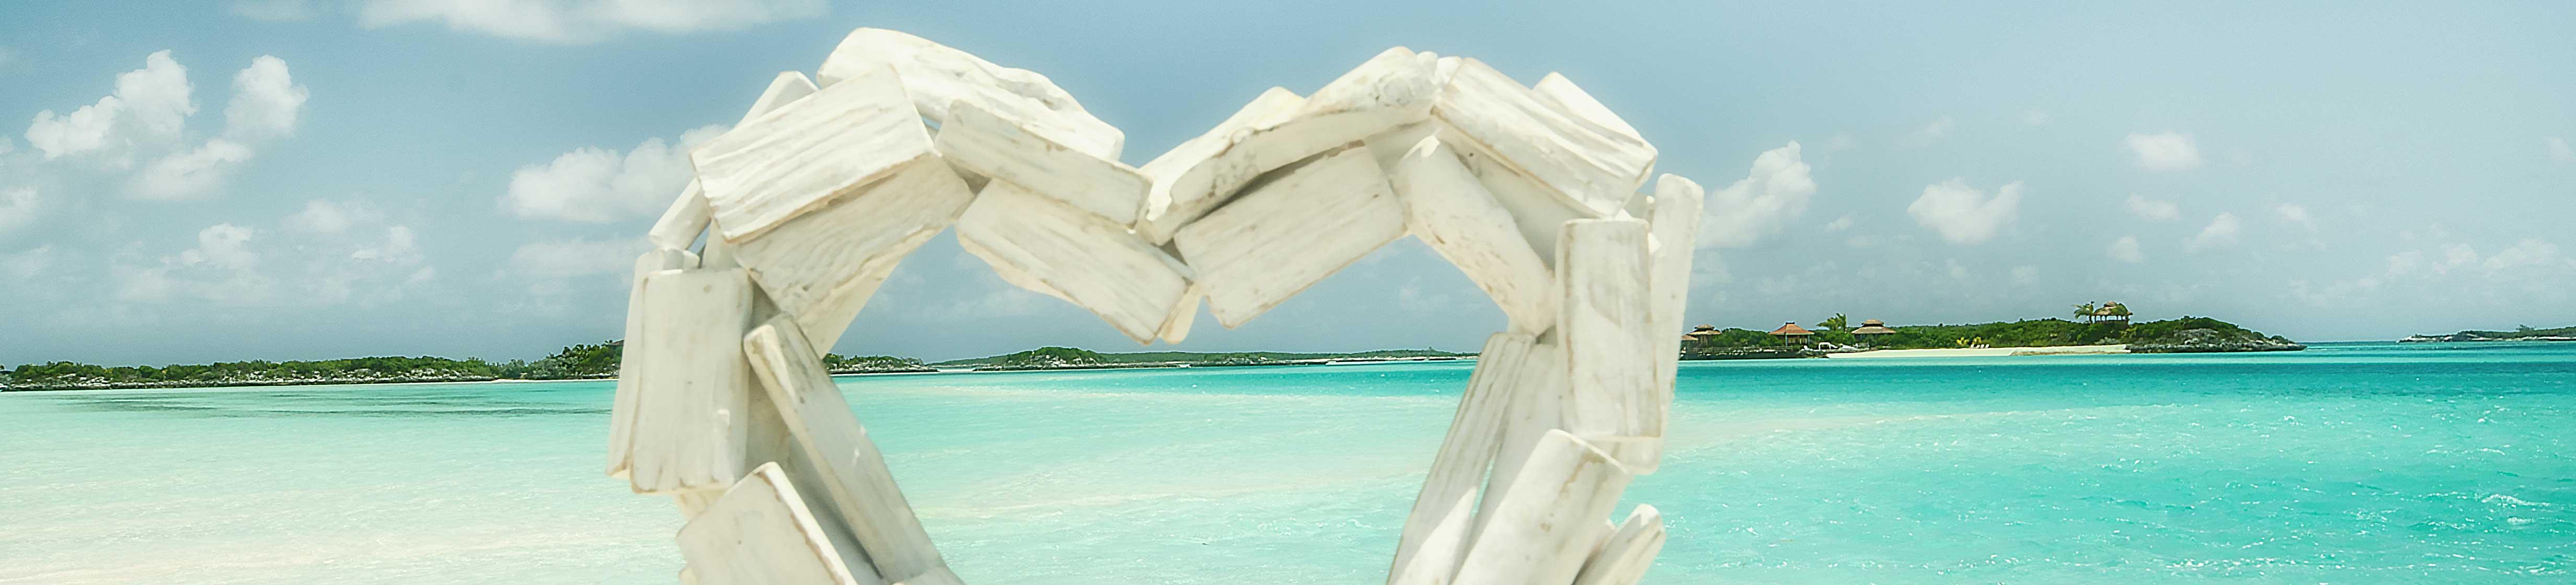 Voyage de noce Bahamas